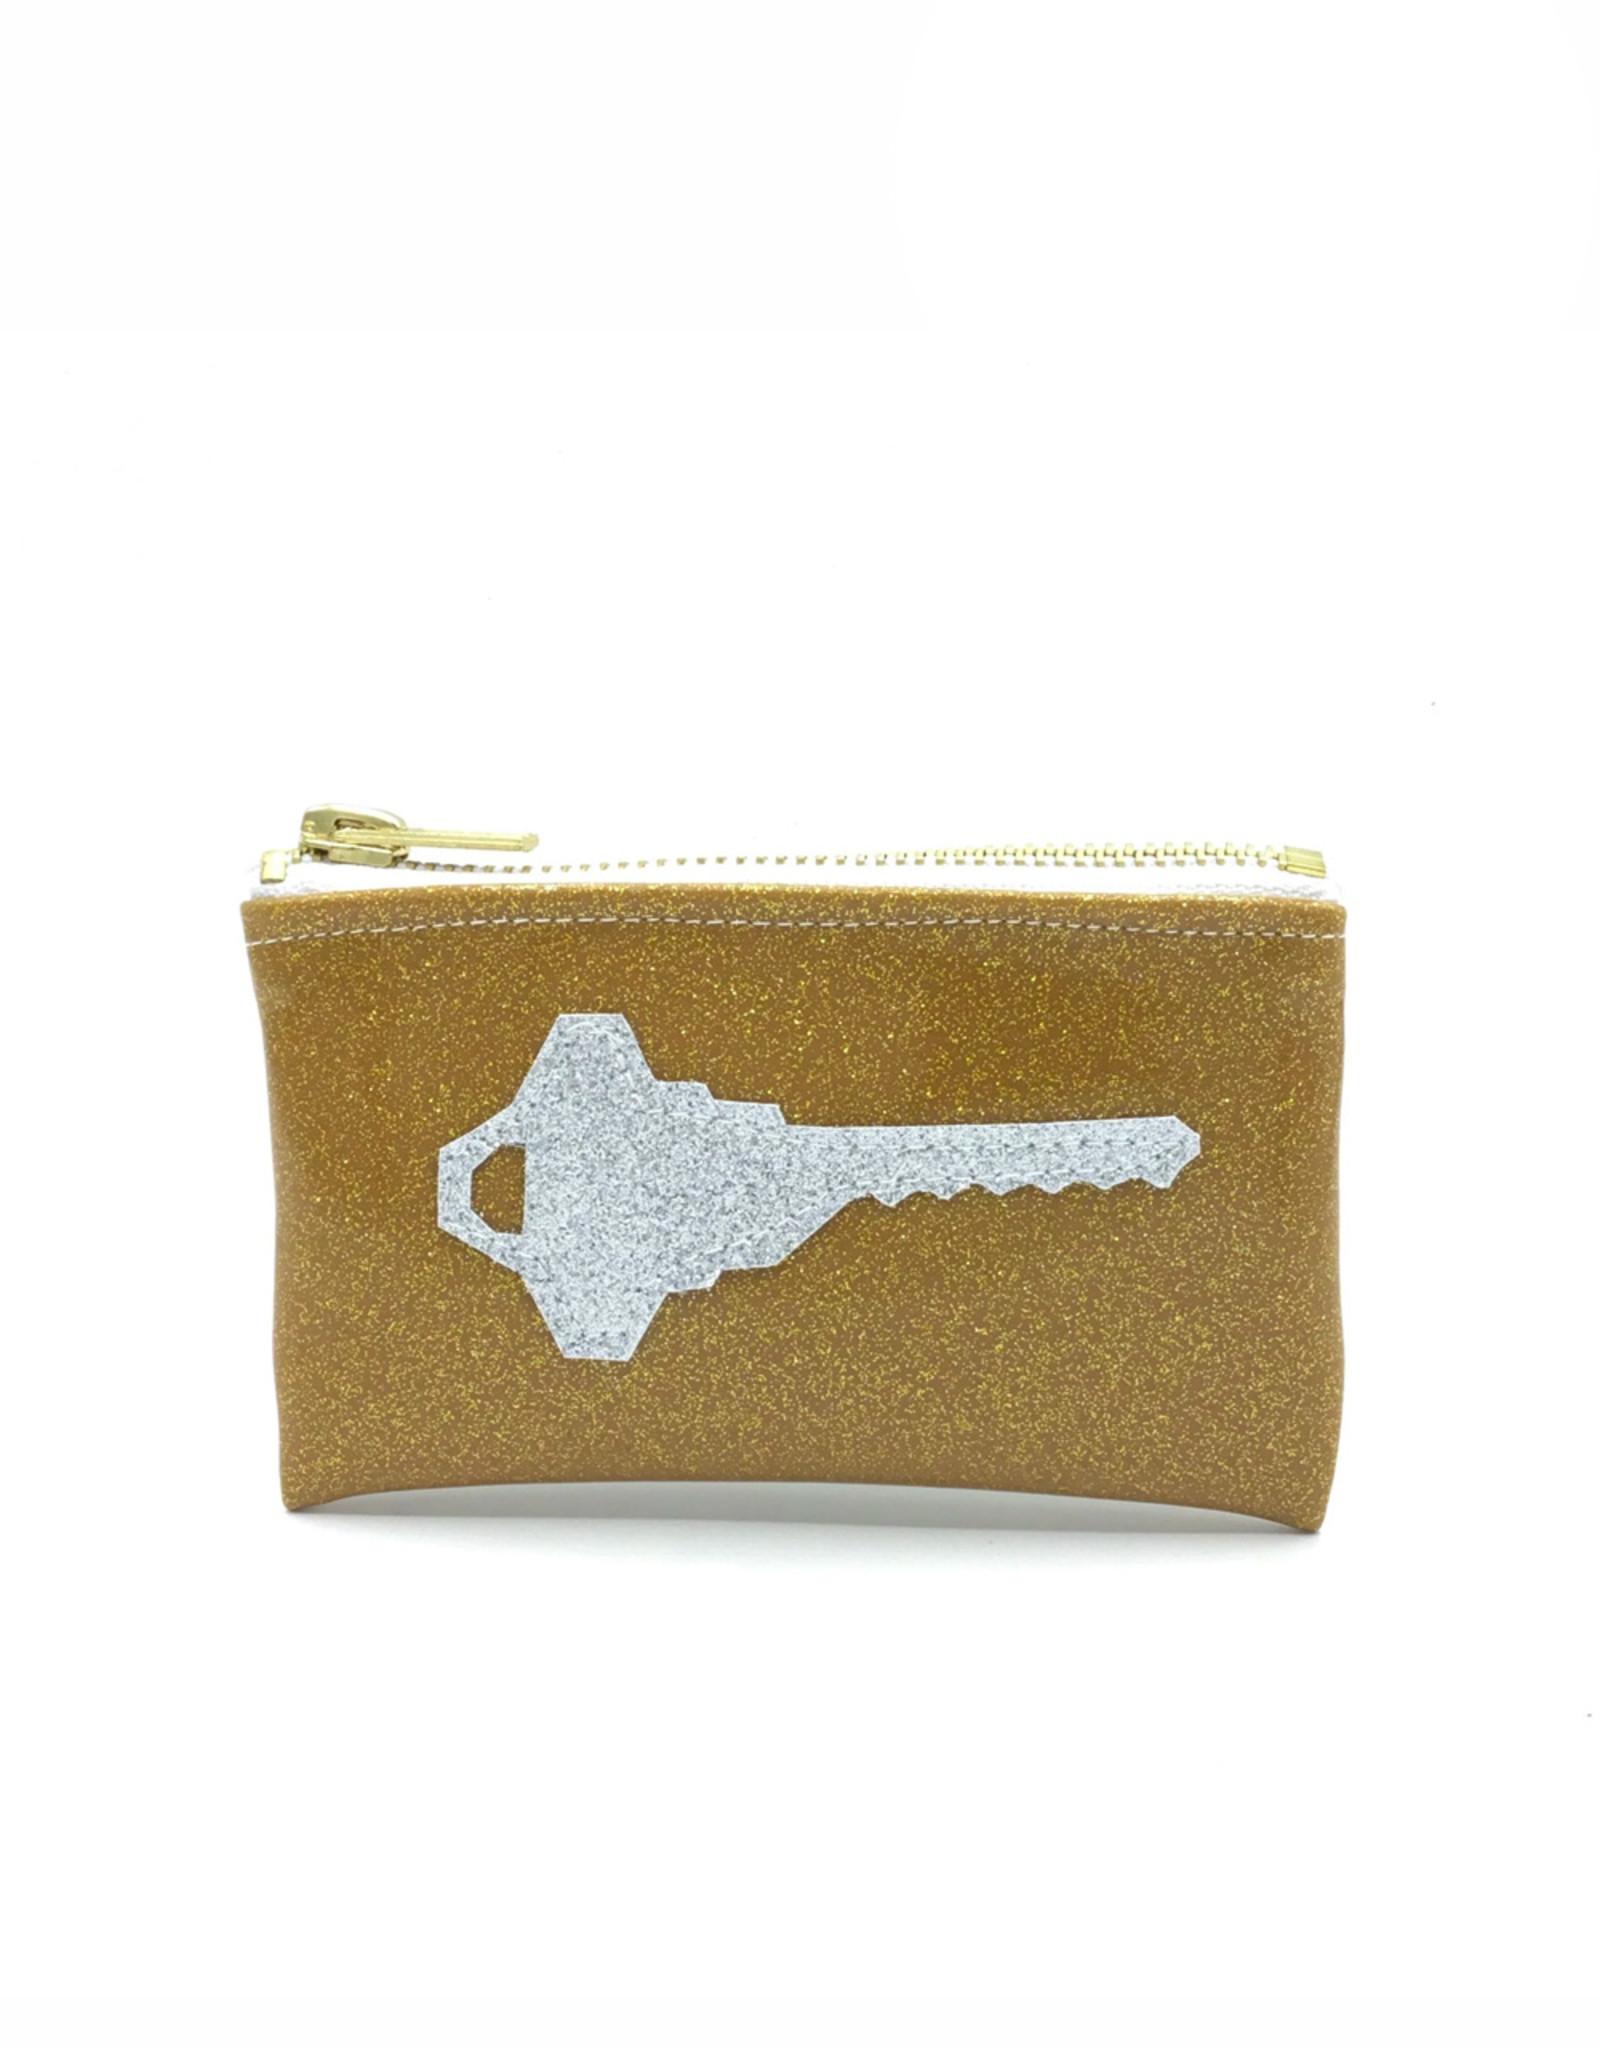 Keychain Clutch